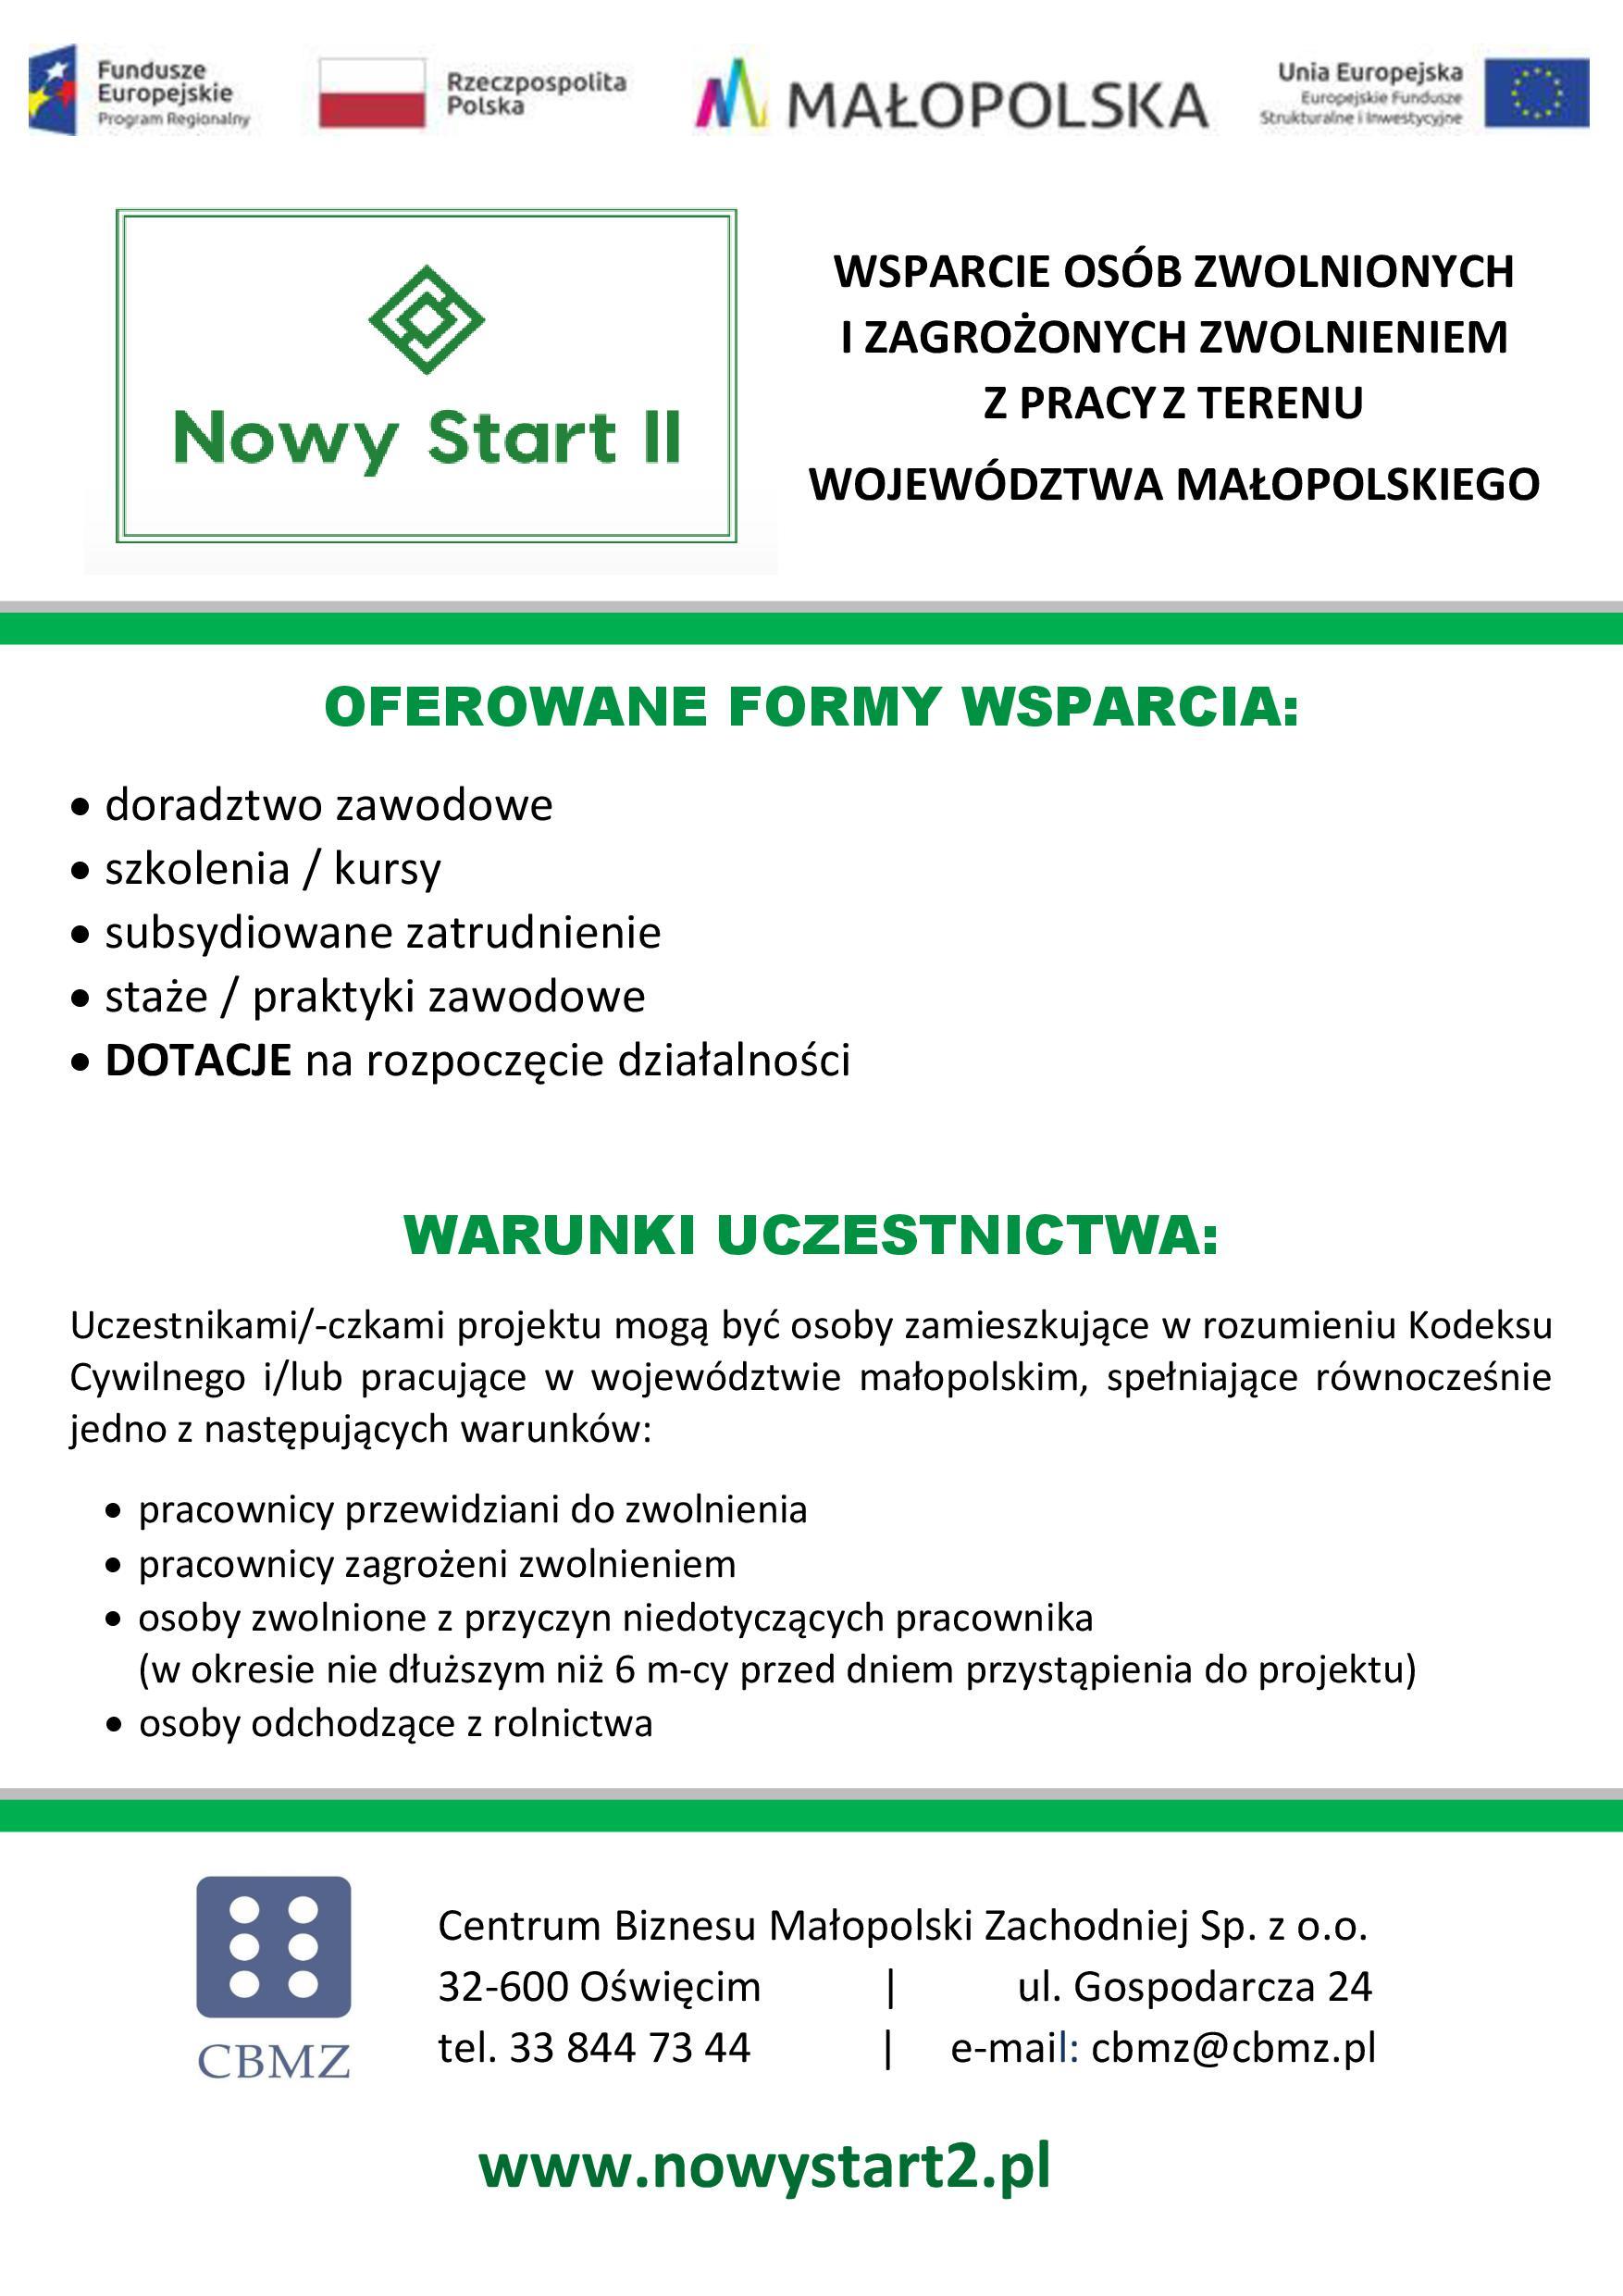 plakat nowy start 21 Projekt Nowy Start II dla osób zwolnionych i zagrożonych zwolnieniem